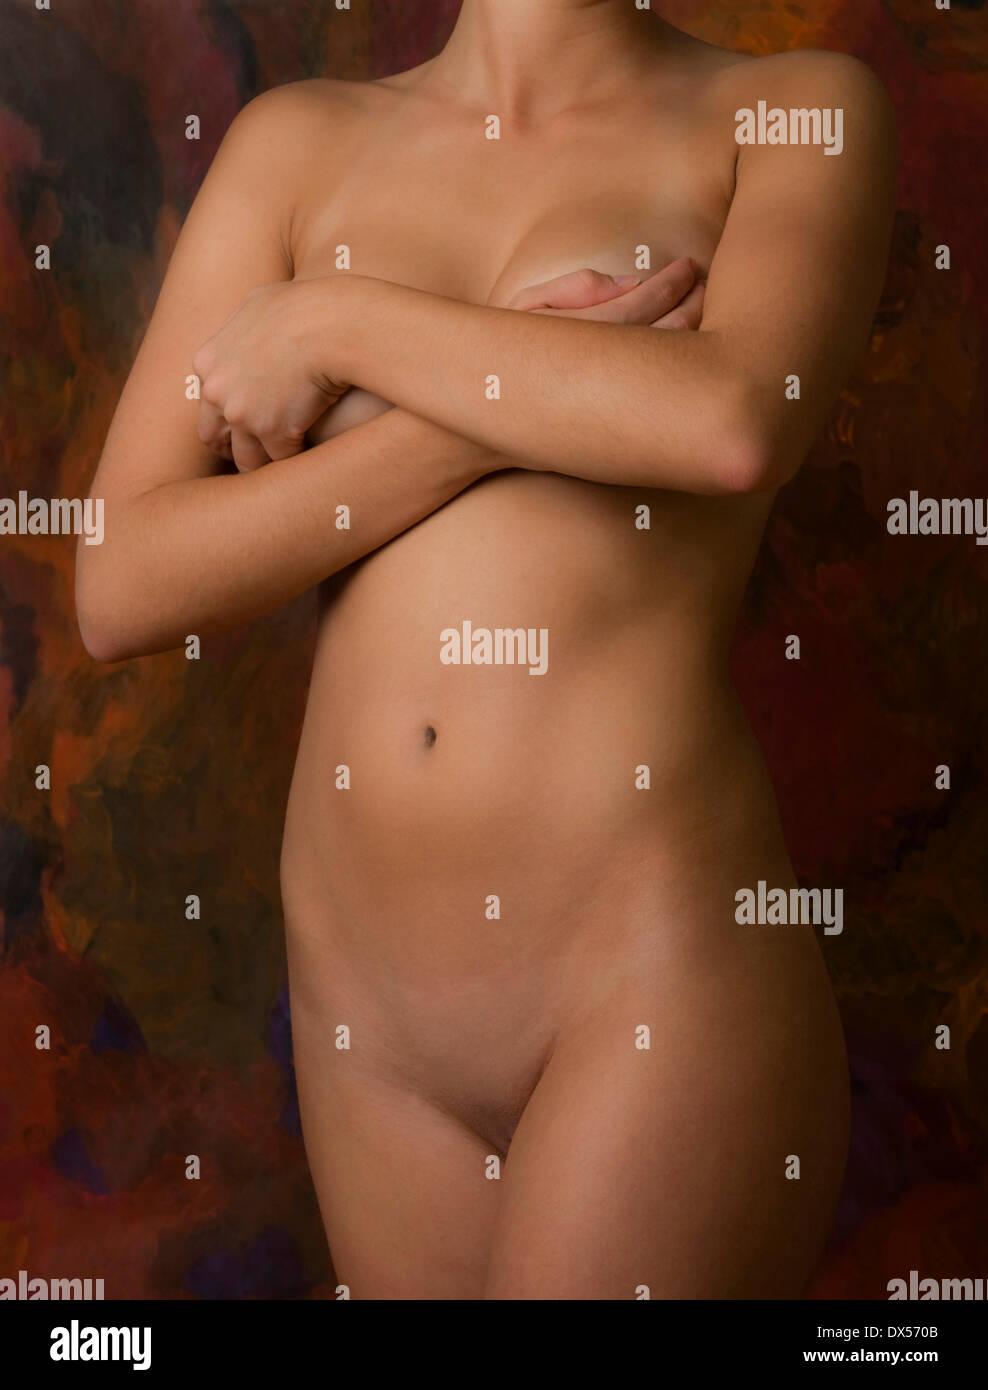 Half Nude Photos